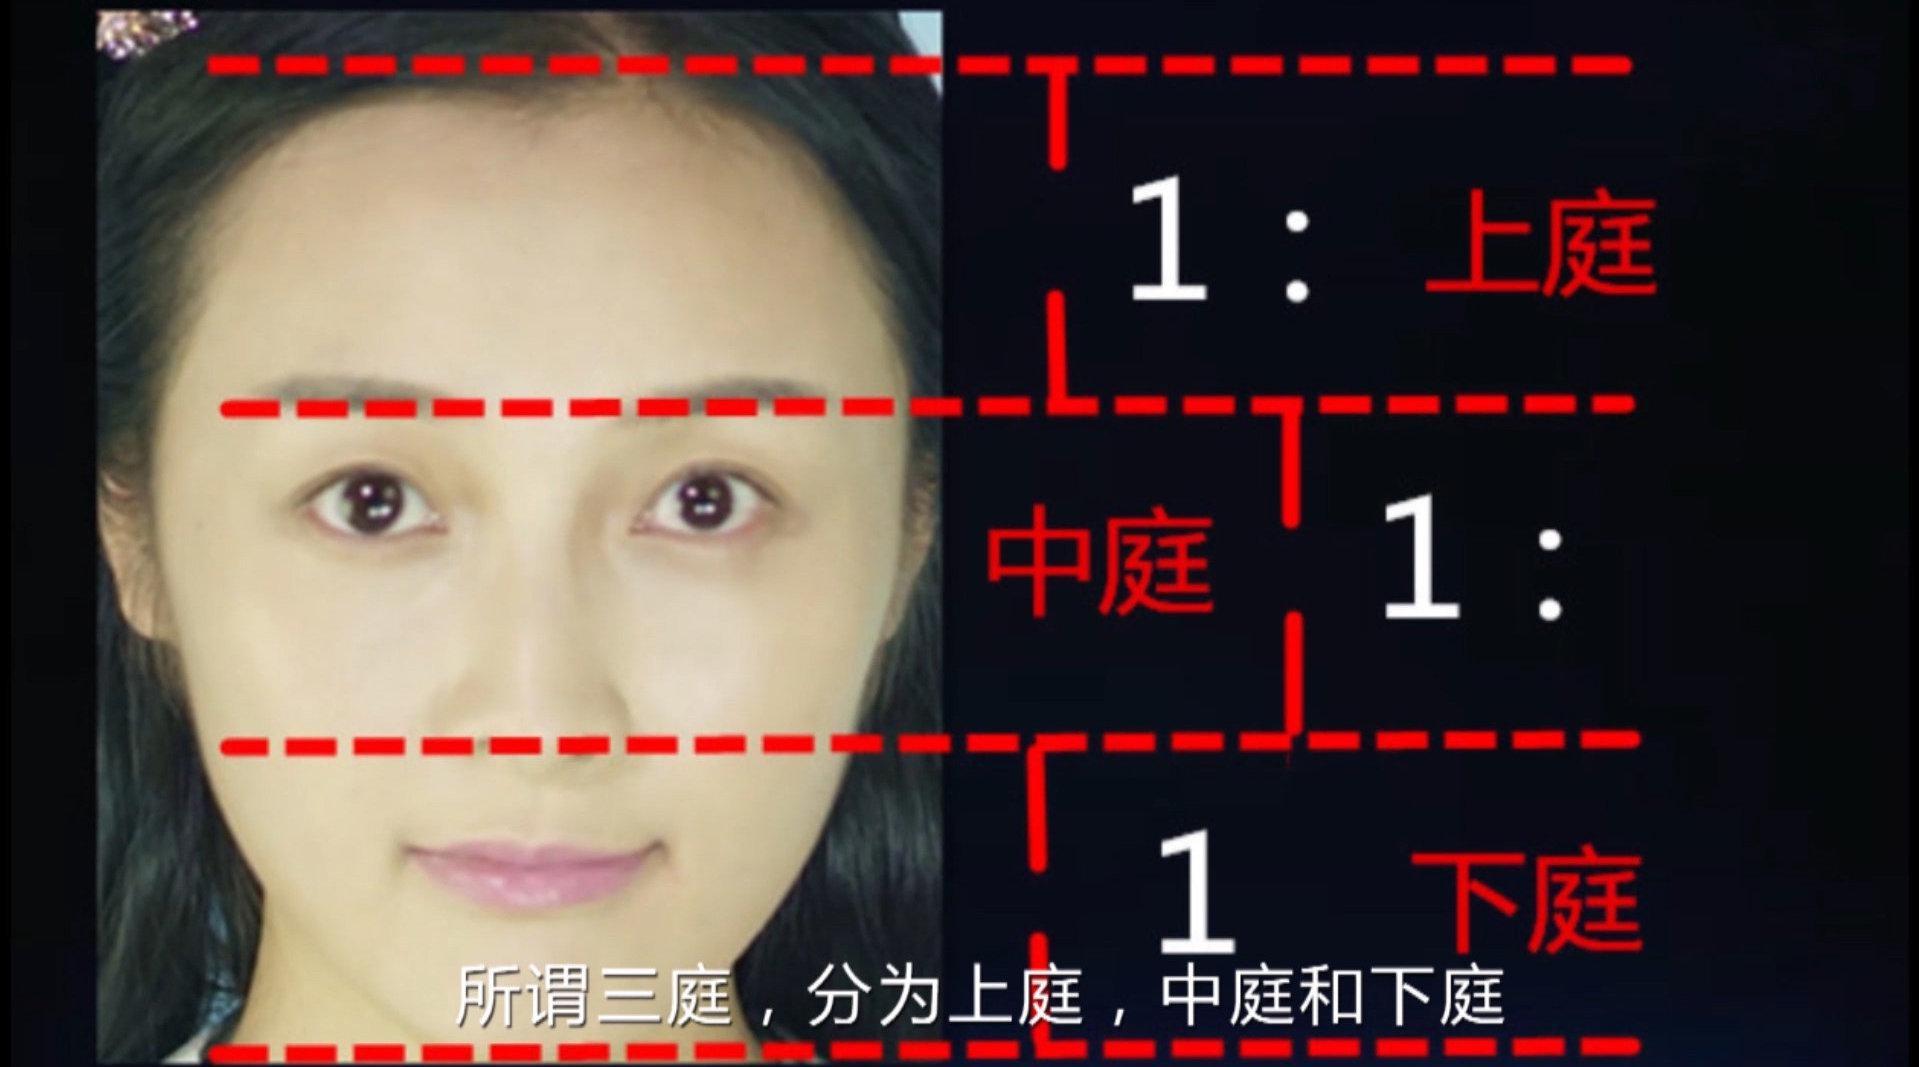 人的三庭五眼的比例你知道吗? 什么样的比例才是正好的?